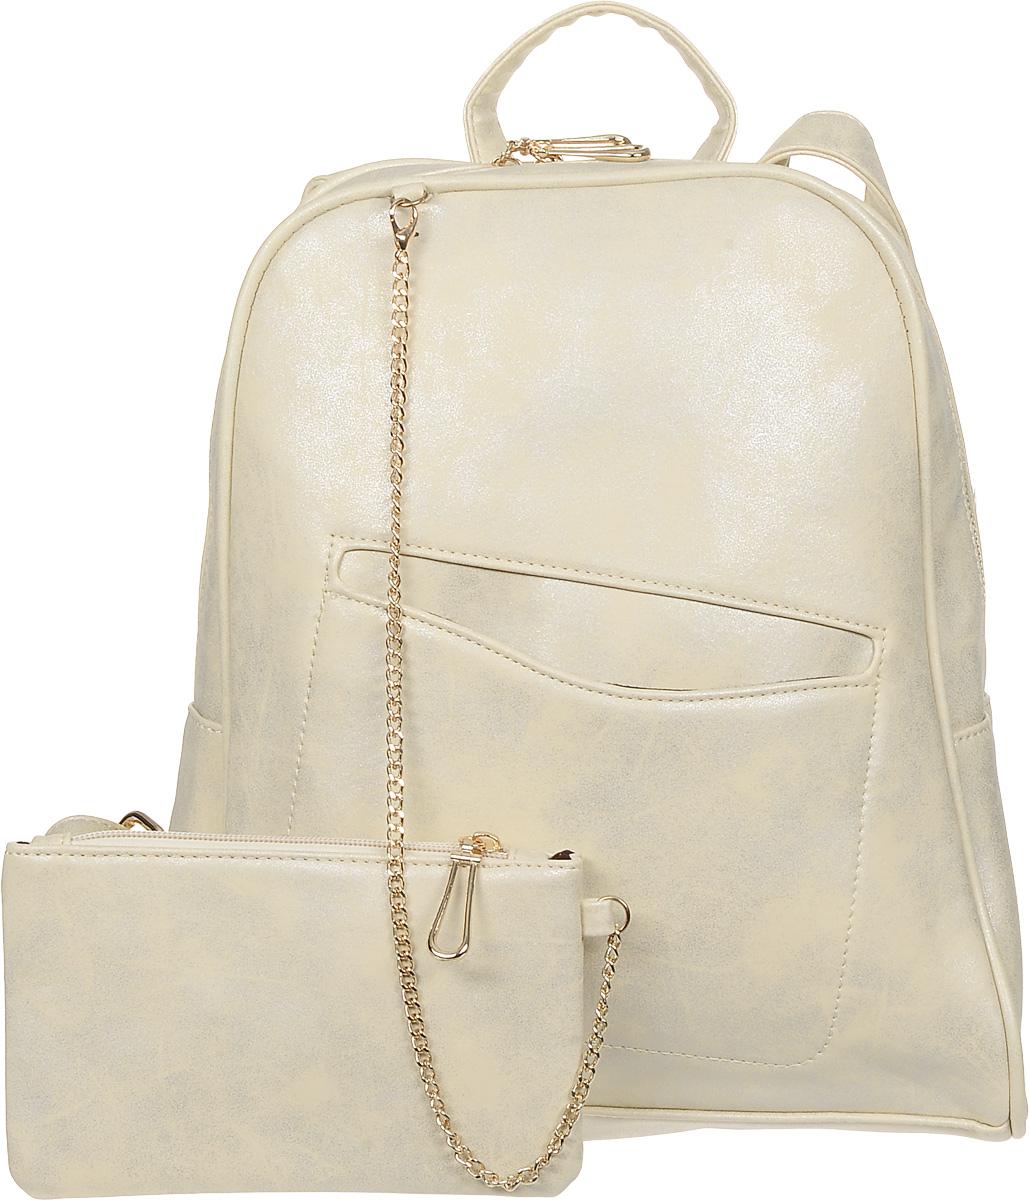 Рюкзак женский OrsOro, цвет: бежевый. D-238/12S76245Стильный рюкзак OrsOro, выполнен из экокожи и оснащен двумя плечевыми ремнями на спинке и удобной ручкой для переноски. Изделие имеет одно основное отделение и застегивается с помощью застежки-молнии. Внутри расположены три накладных кармана и врезной карман на застежке-молнии. Задняя сторона рюкзака дополнена врезным карманом на молнии, спереди расположен открытый прорезной карман. В комплект входит кошелек с подвеской.